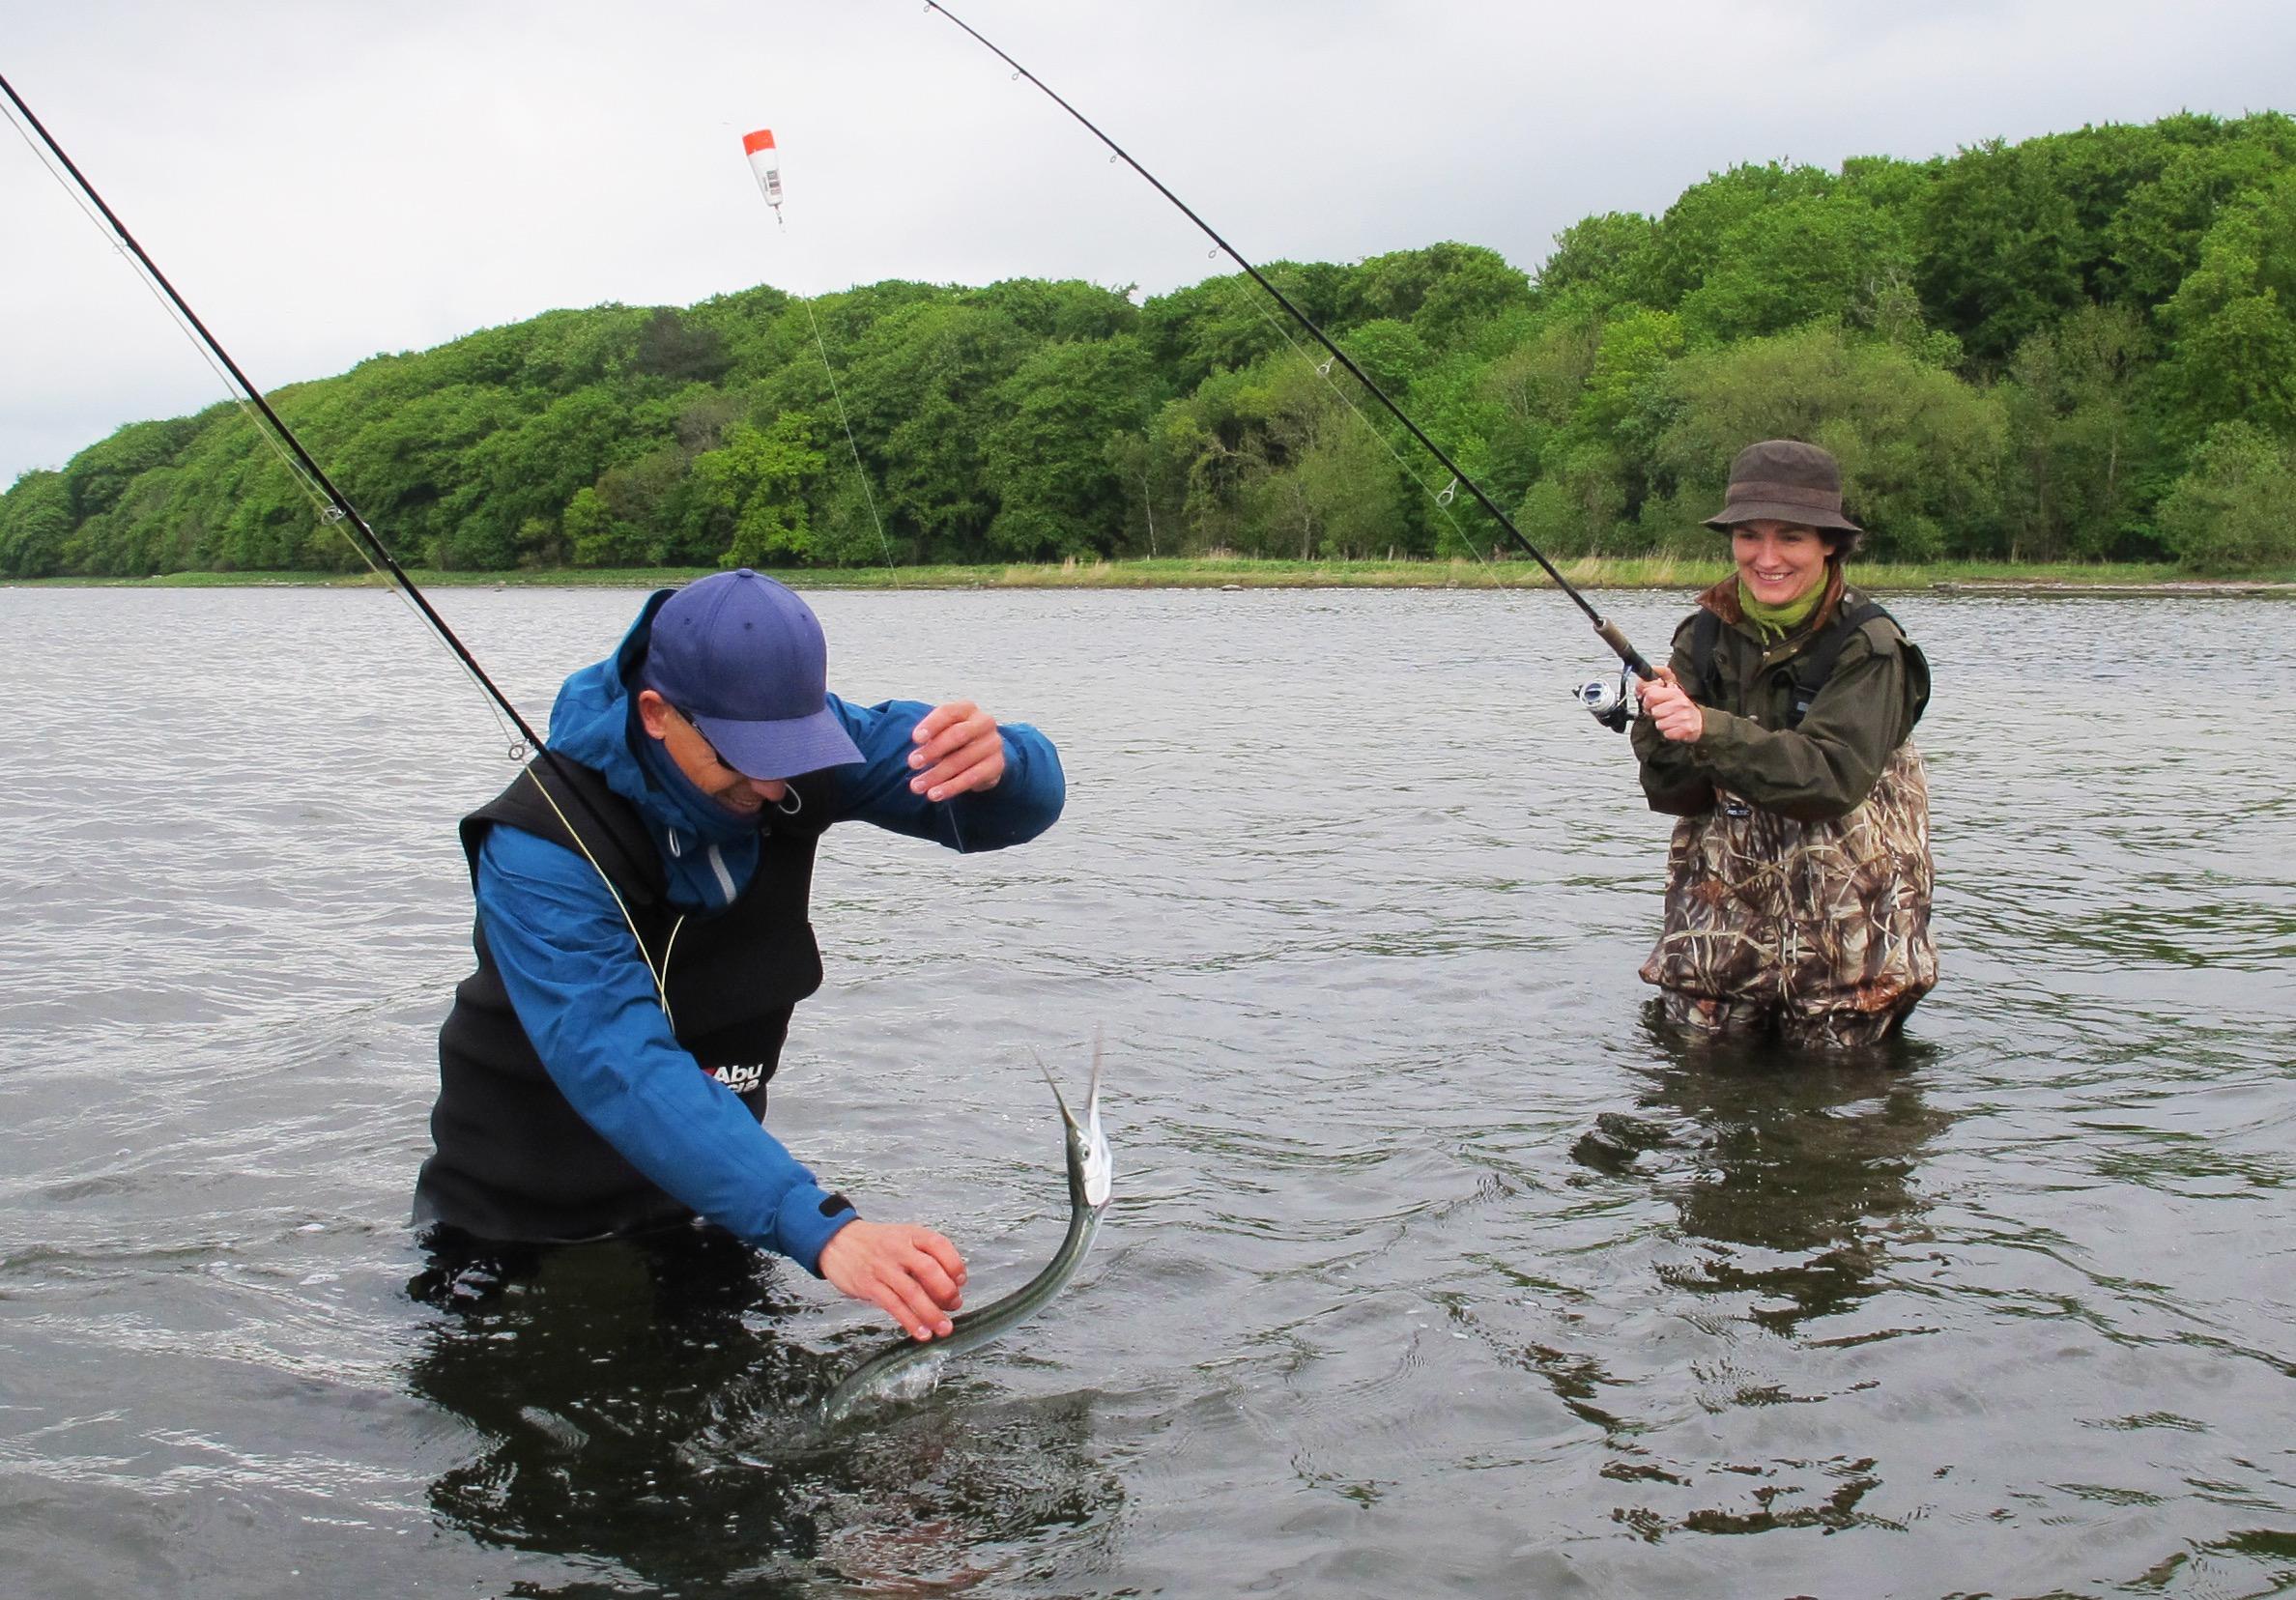 Fiskeguide Jonas Kærlin hjælper Grethe Saabye med at lande hendes først fisk nogensinde.